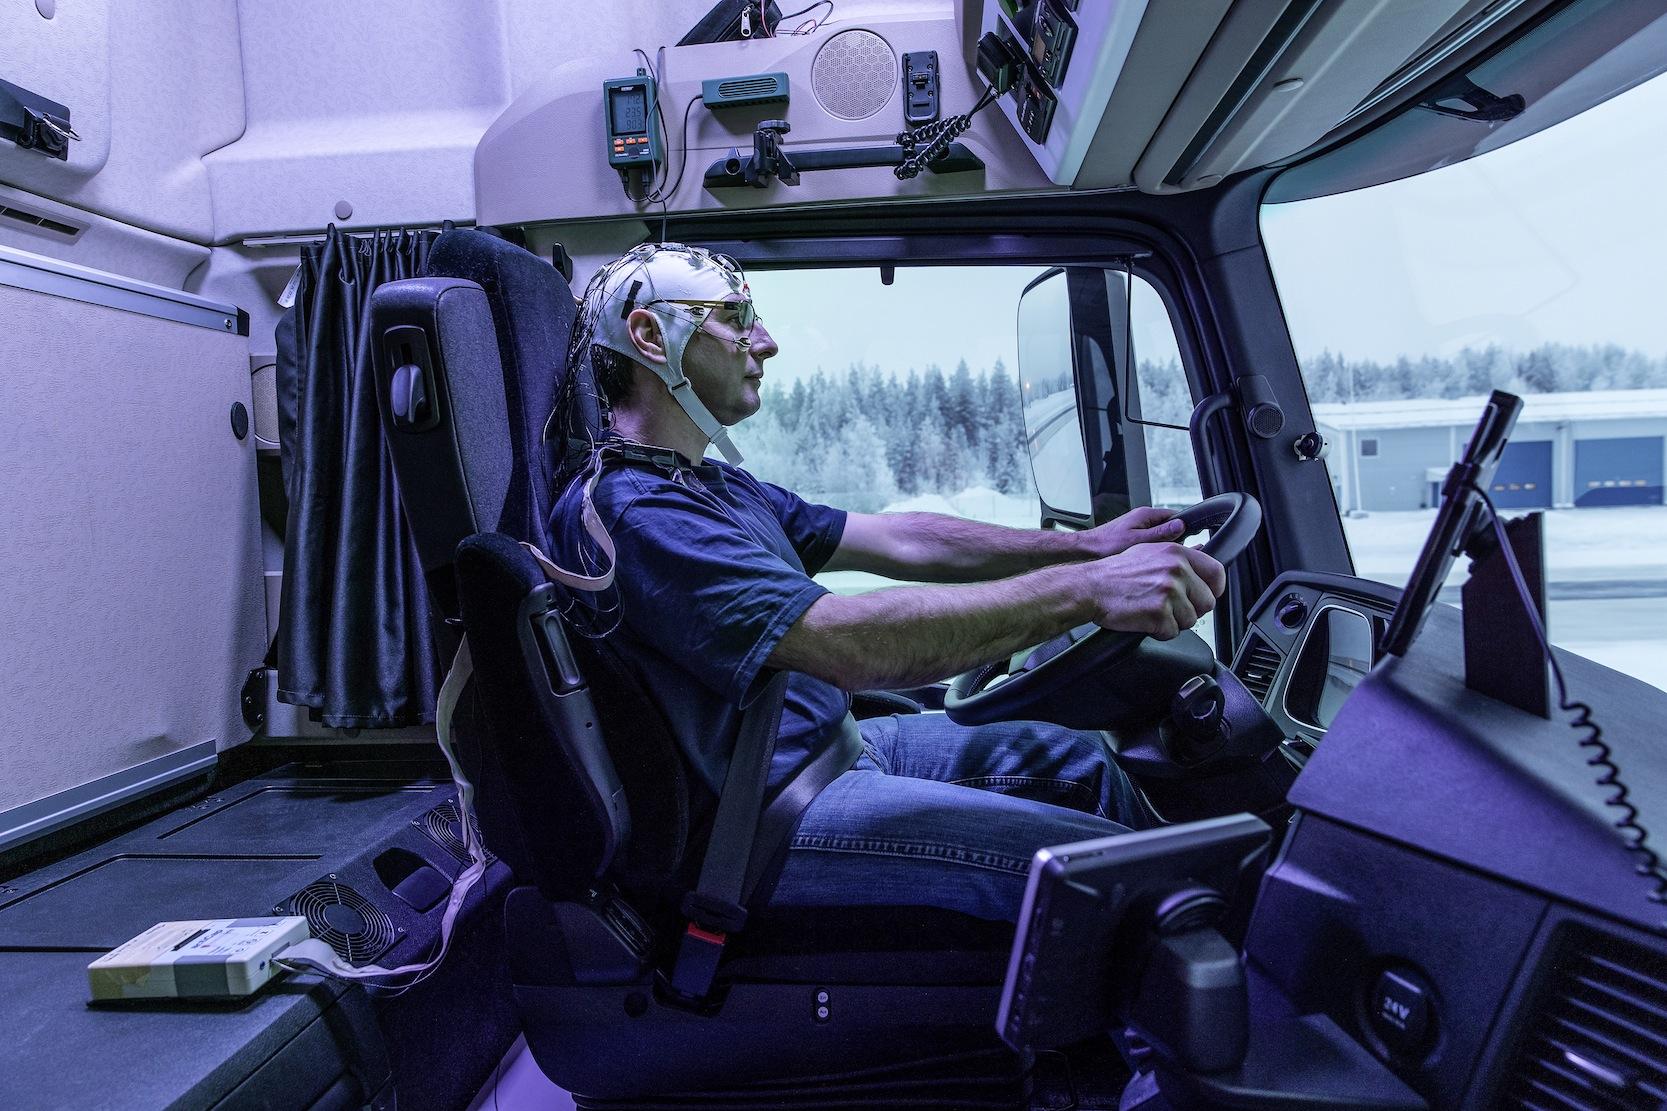 Das Befinden der Fahrer wurde während der Fahrt laufend mit Sensoren überwacht – mit und ohne Licht.